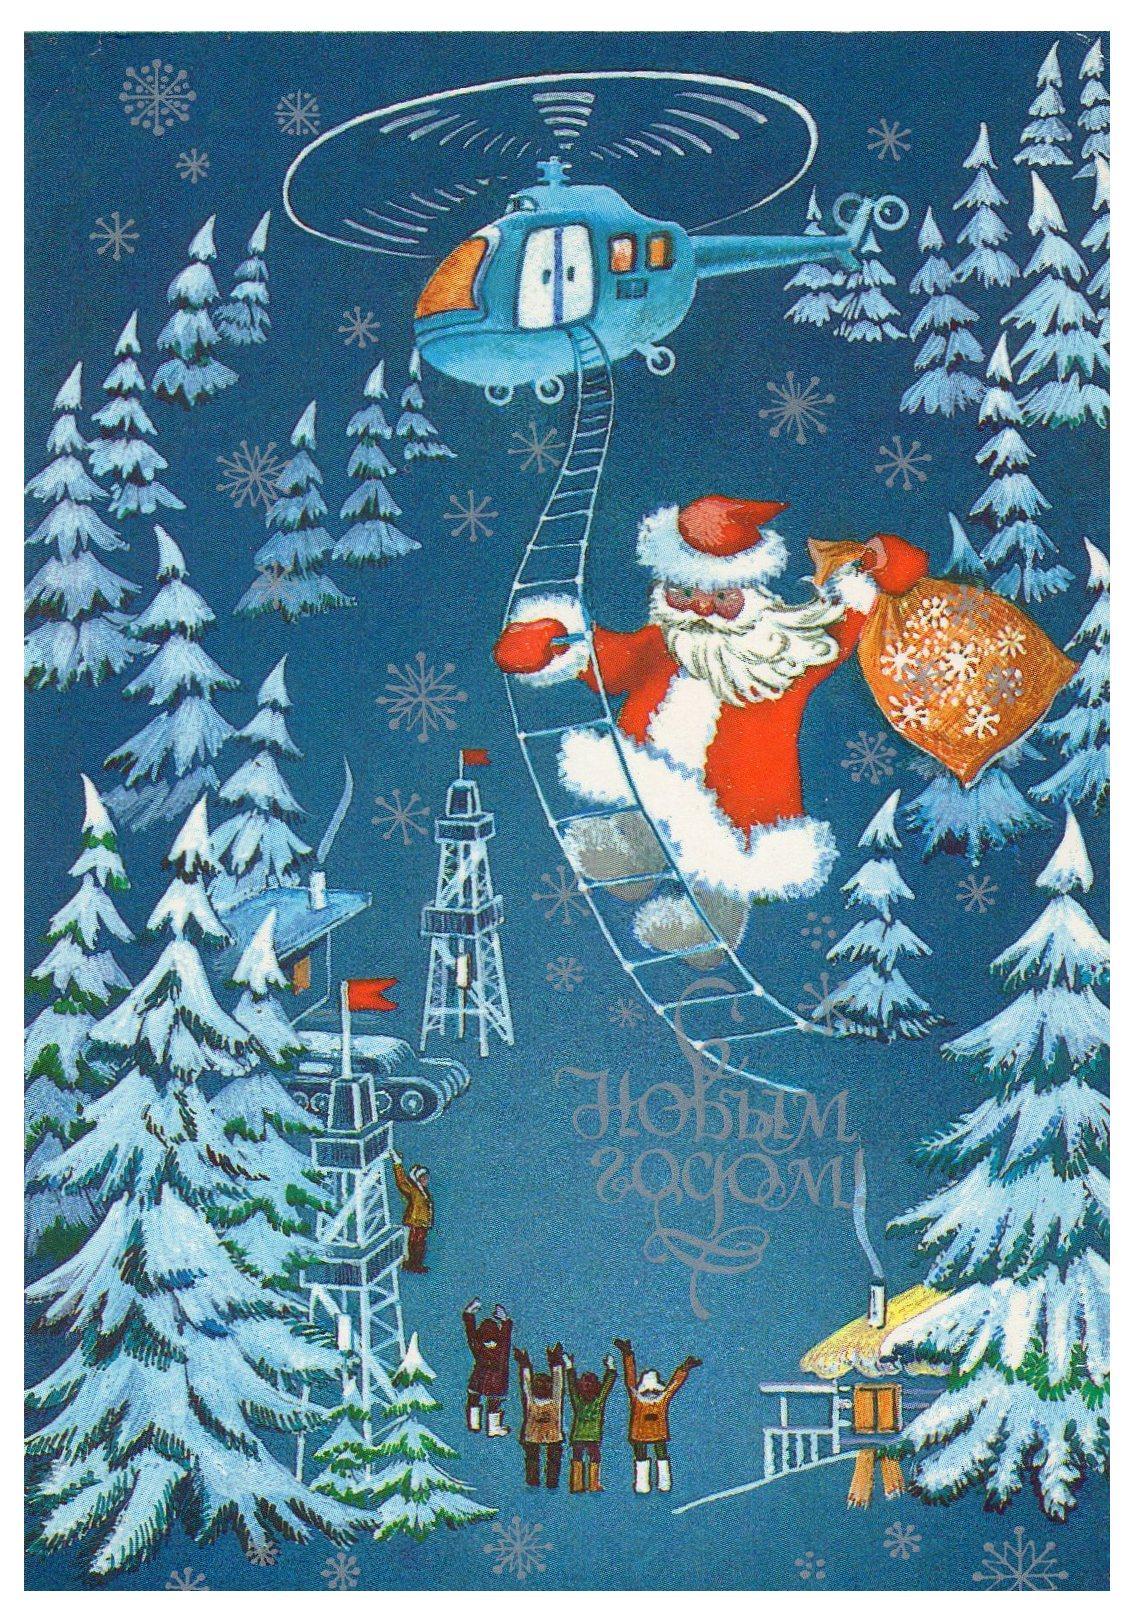 Дед Мороз спускается с самолета с мешком подарков. Новогодняя открытка